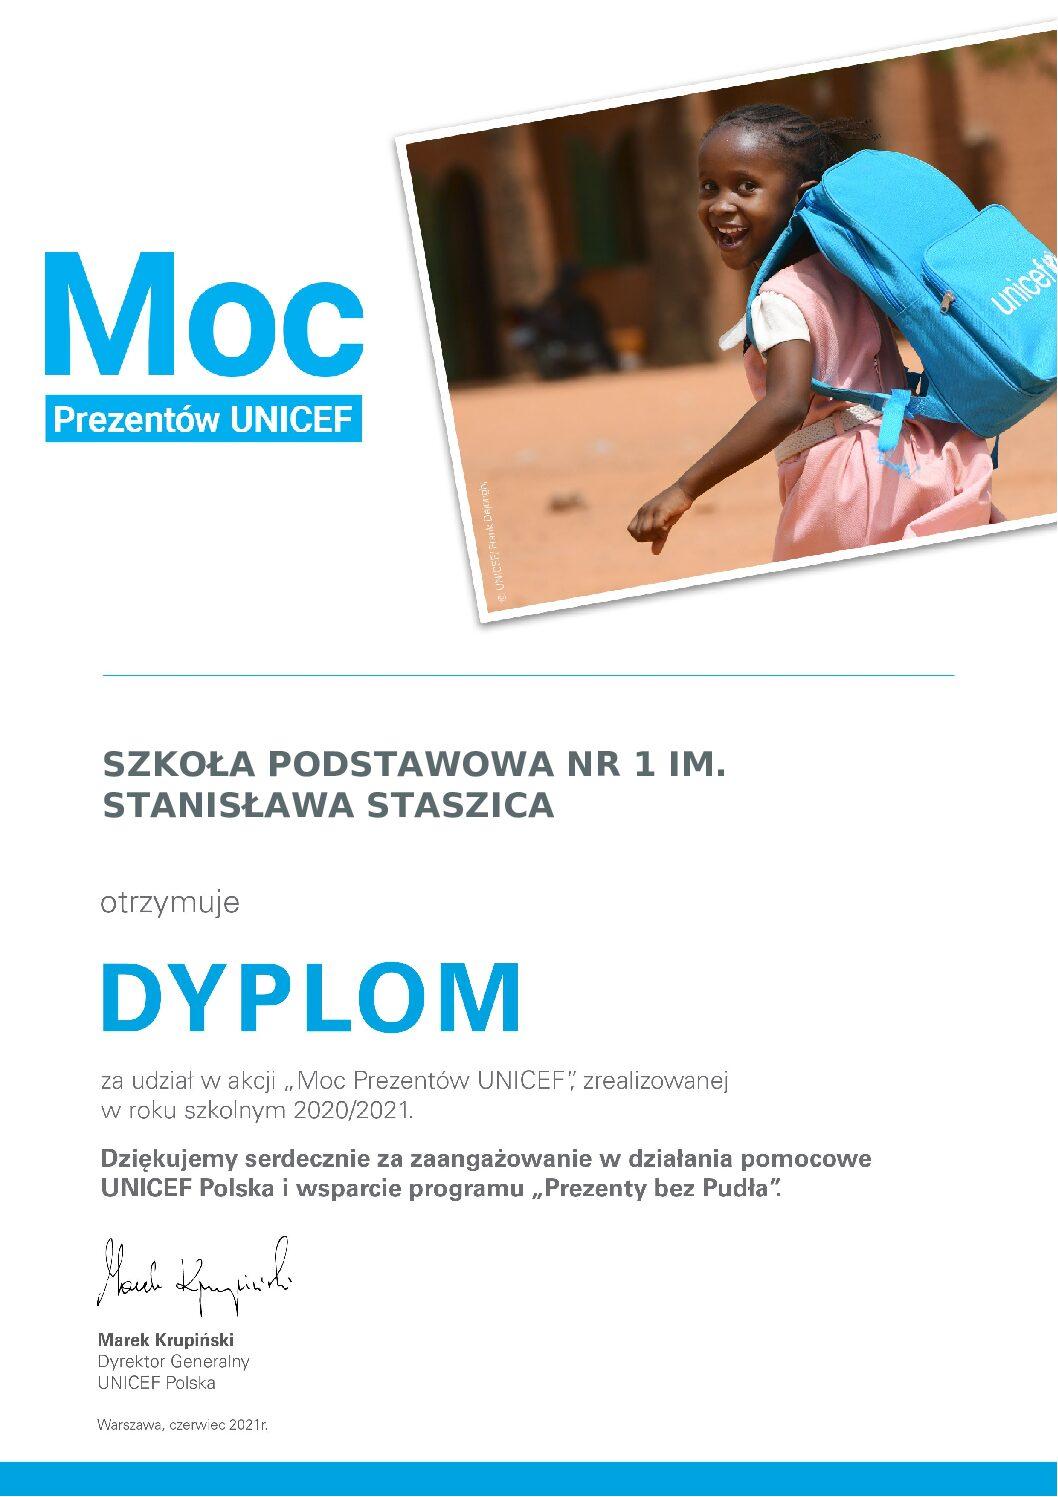 Moc prezentów Unicef - podziękowanie